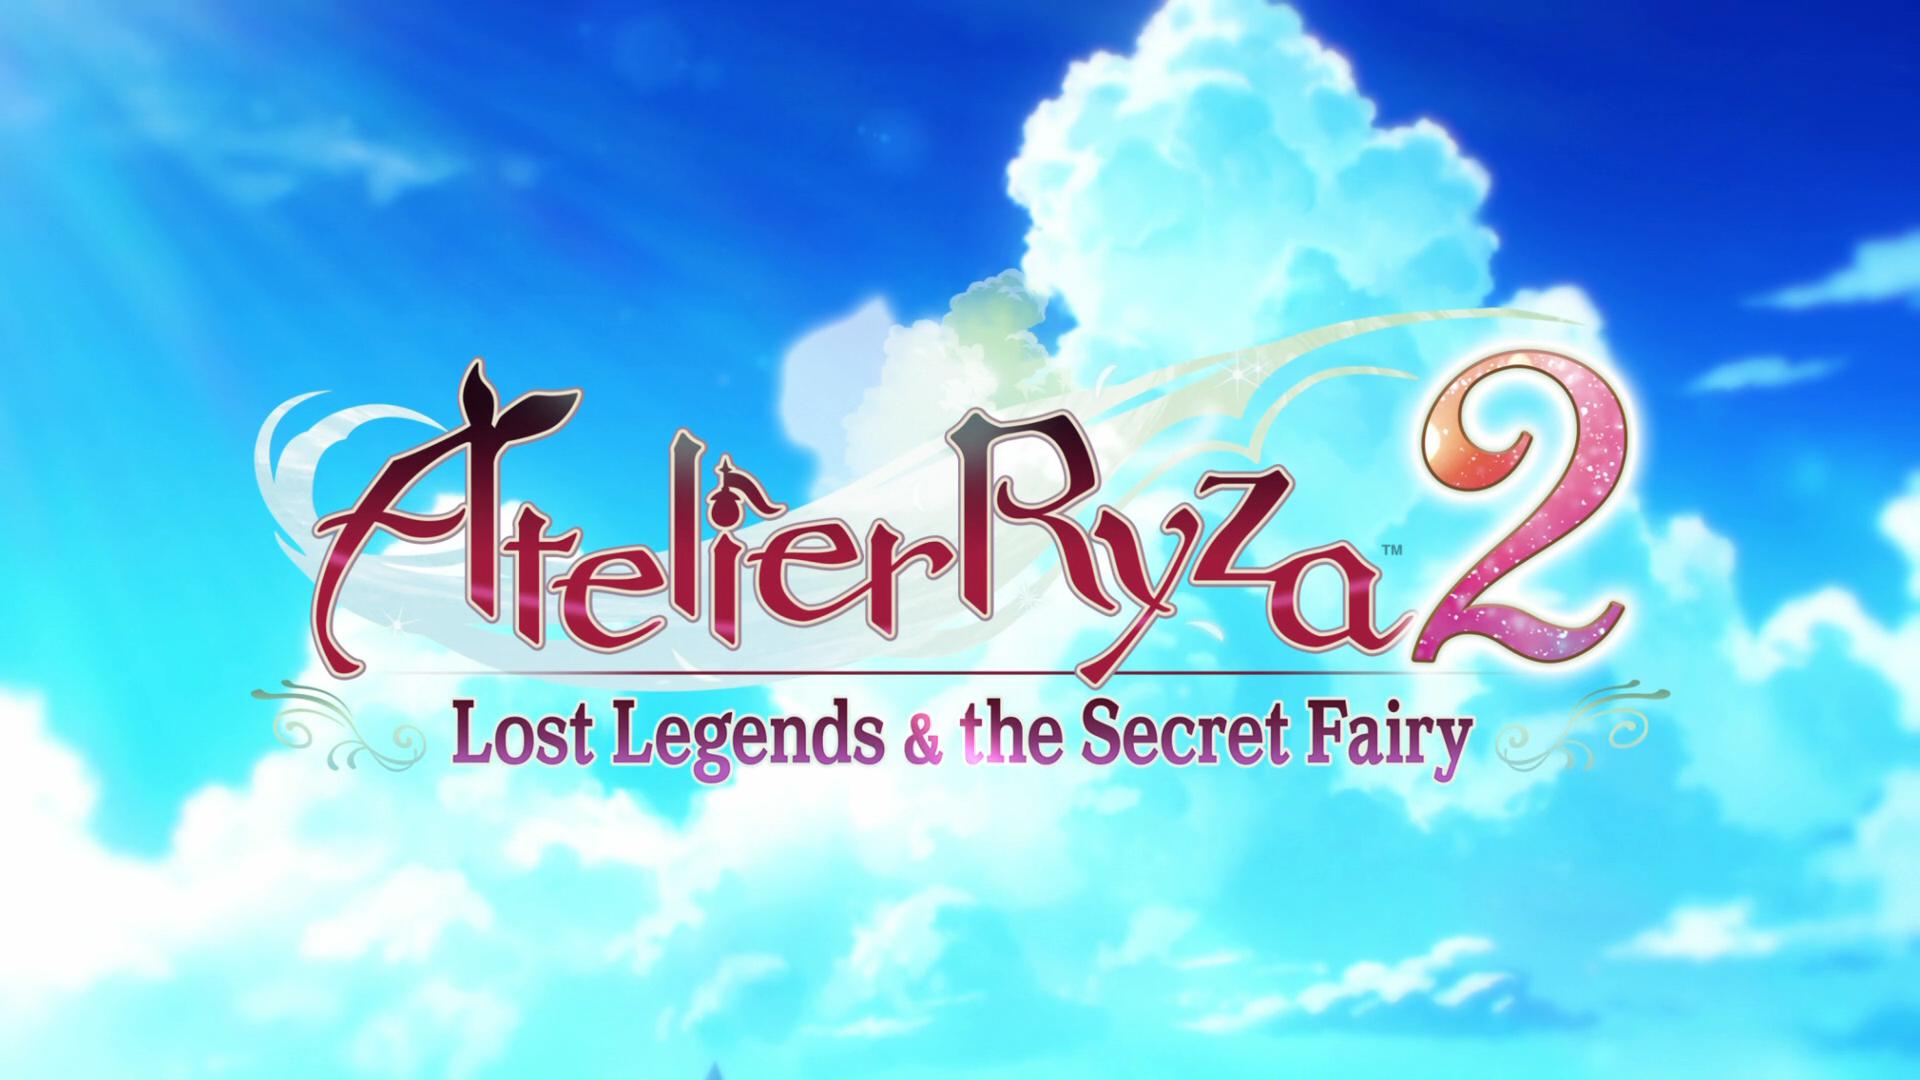 Review: Atelier Ryza 2 – Lost Legends & the Secret Fairy